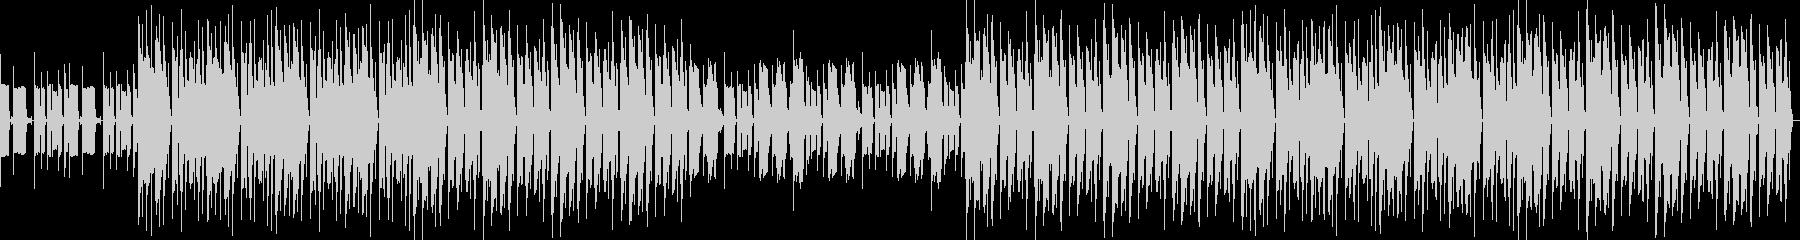 おしゃれ・低音重視・EDM・ベース13の未再生の波形